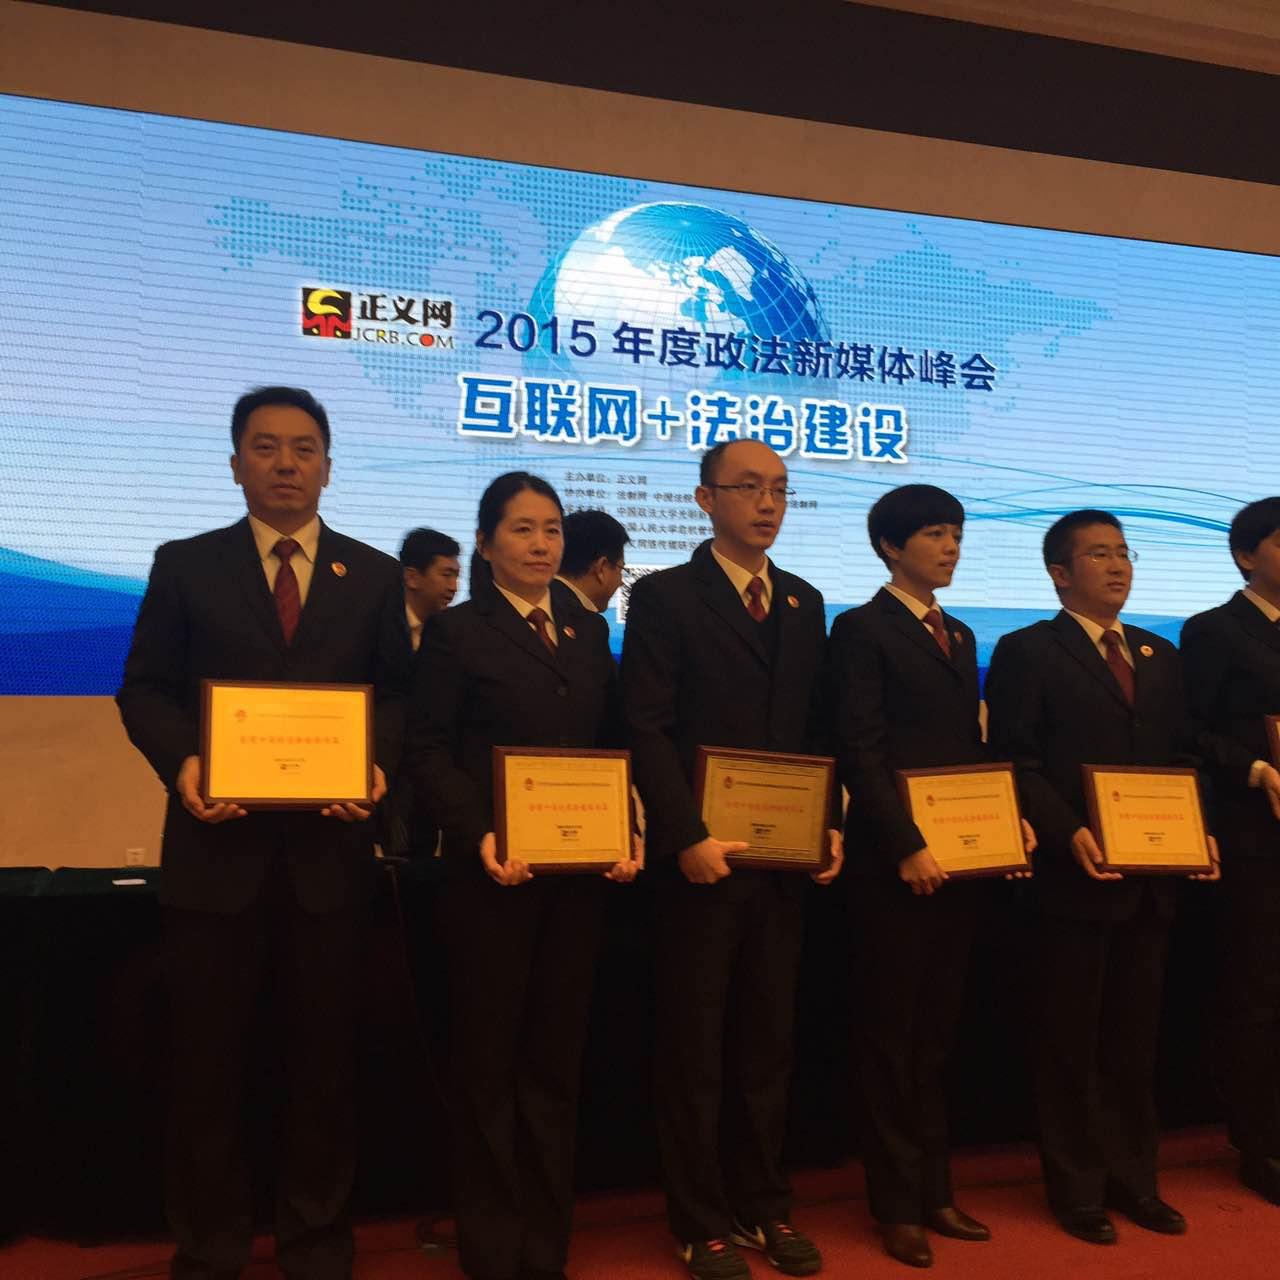 2015年度政法新媒体峰会1